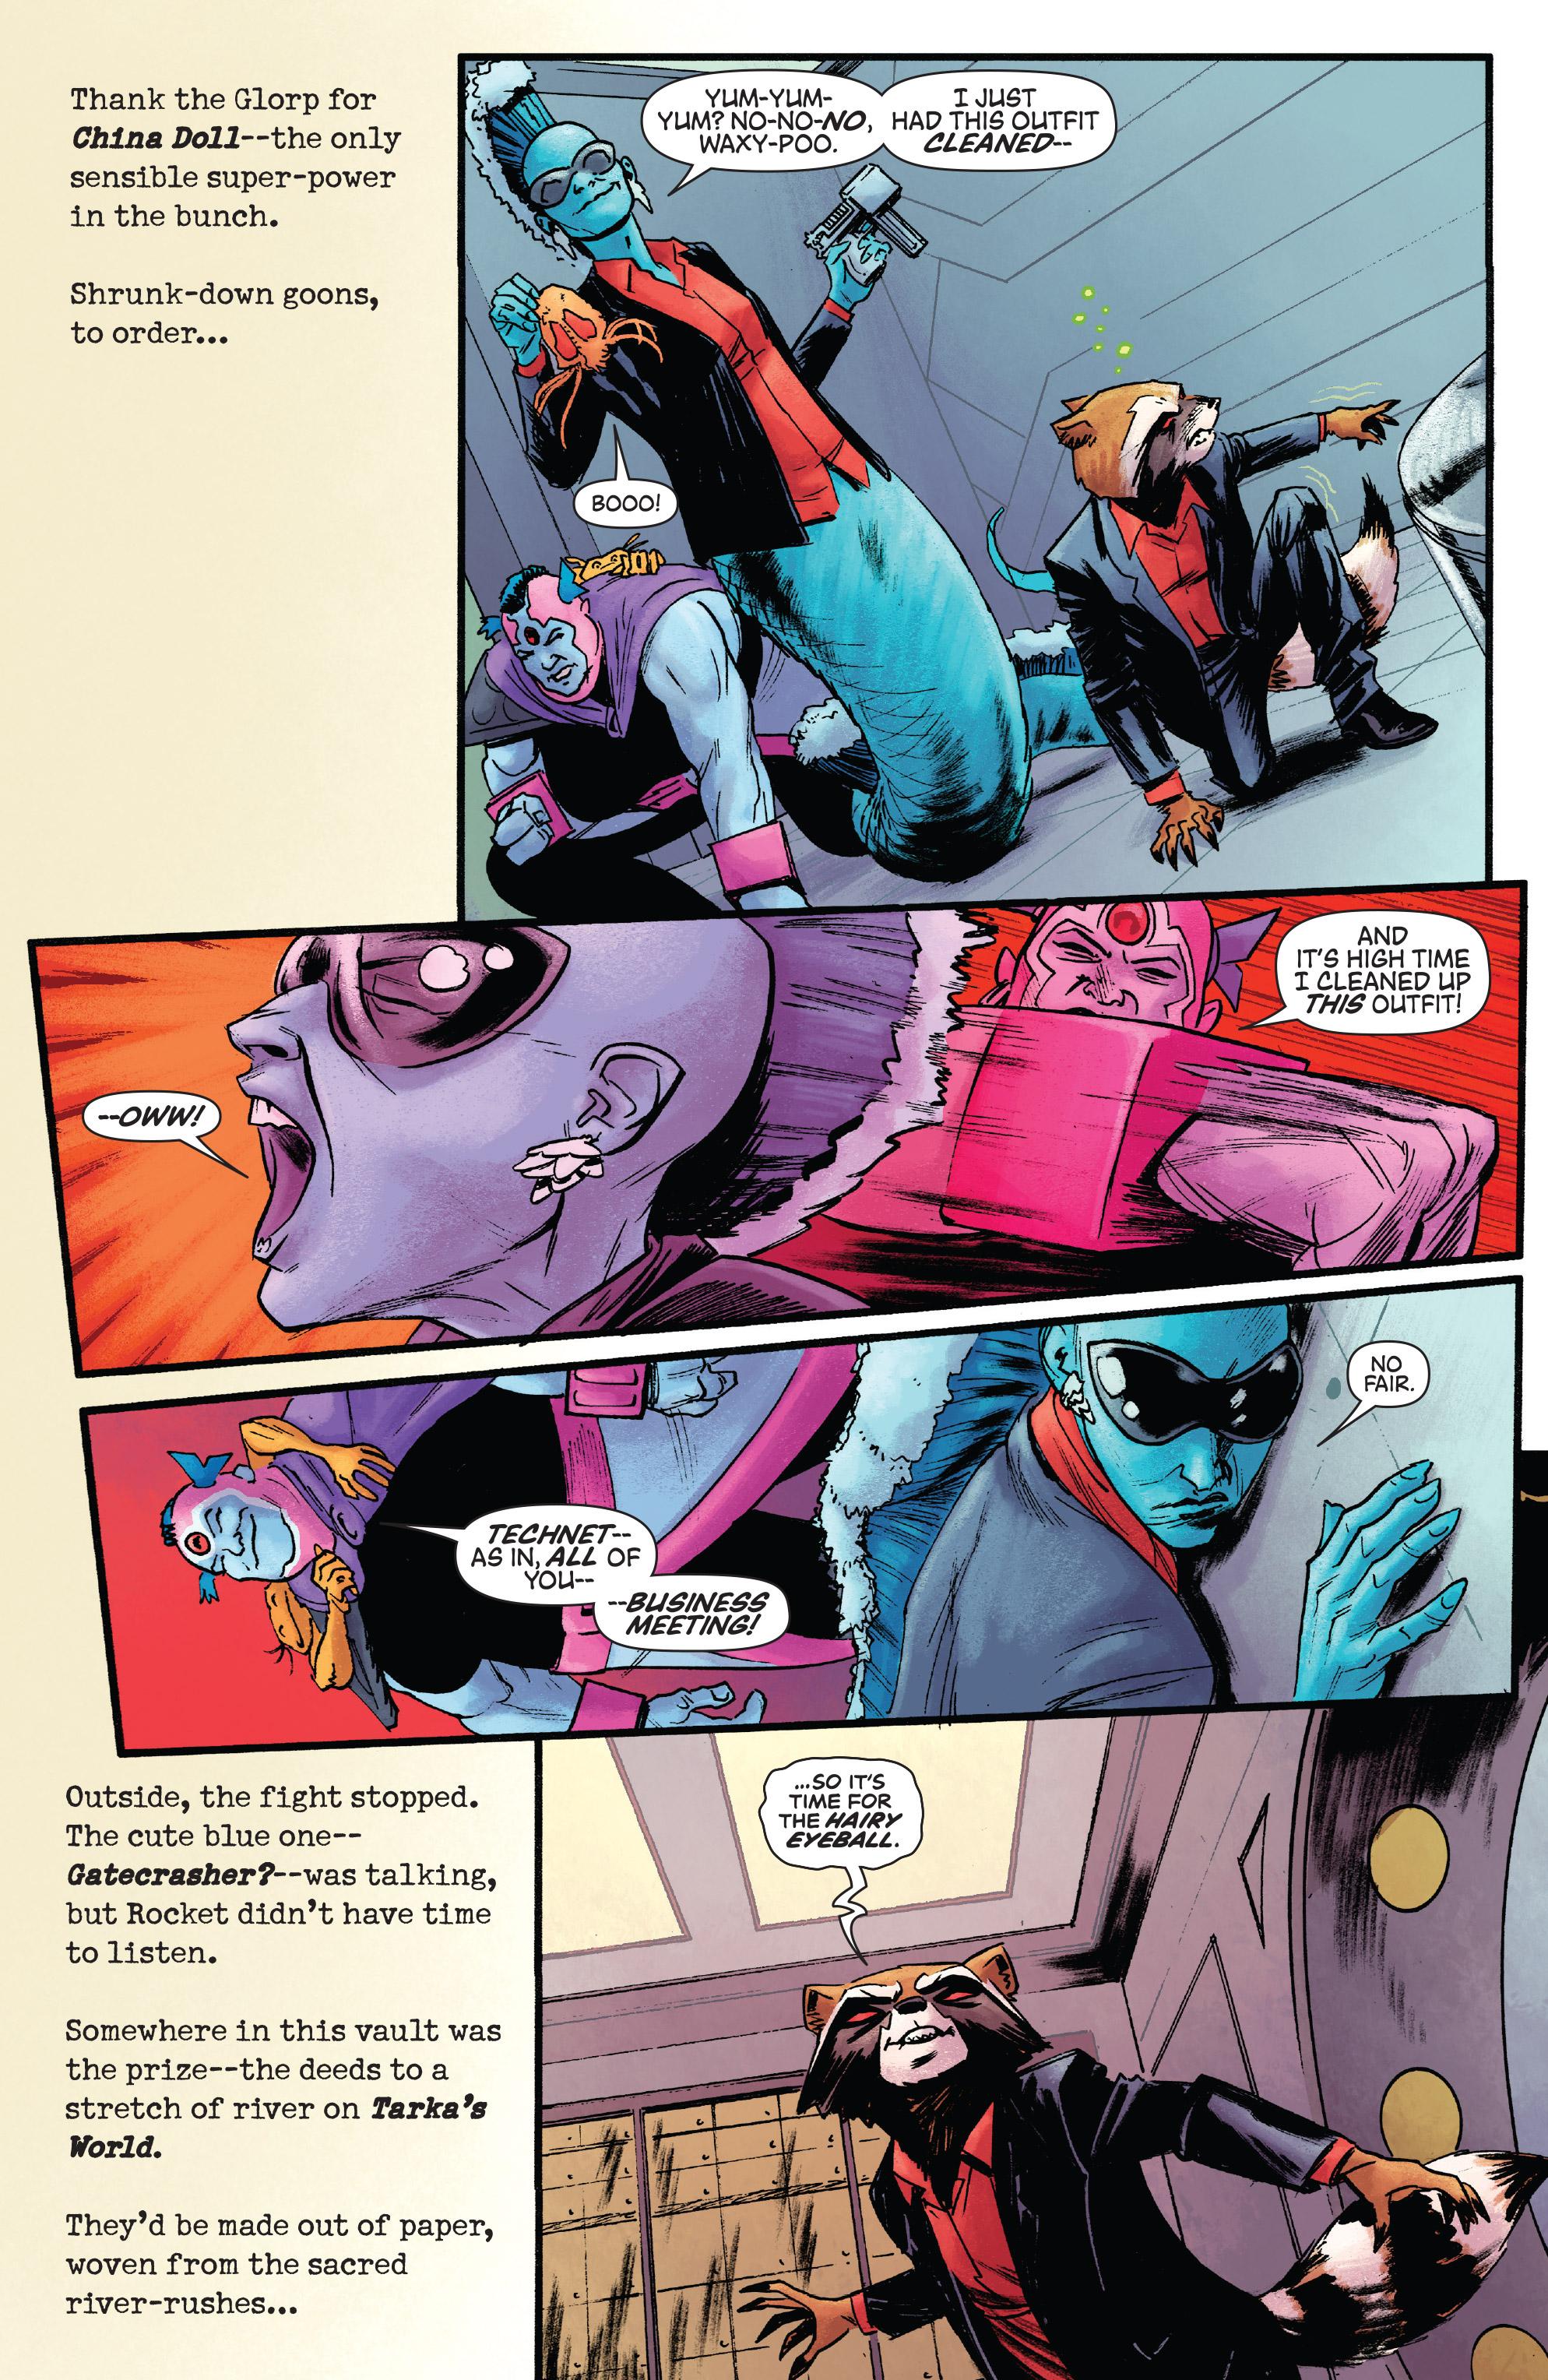 Read online Rocket comic -  Issue #2 - 9